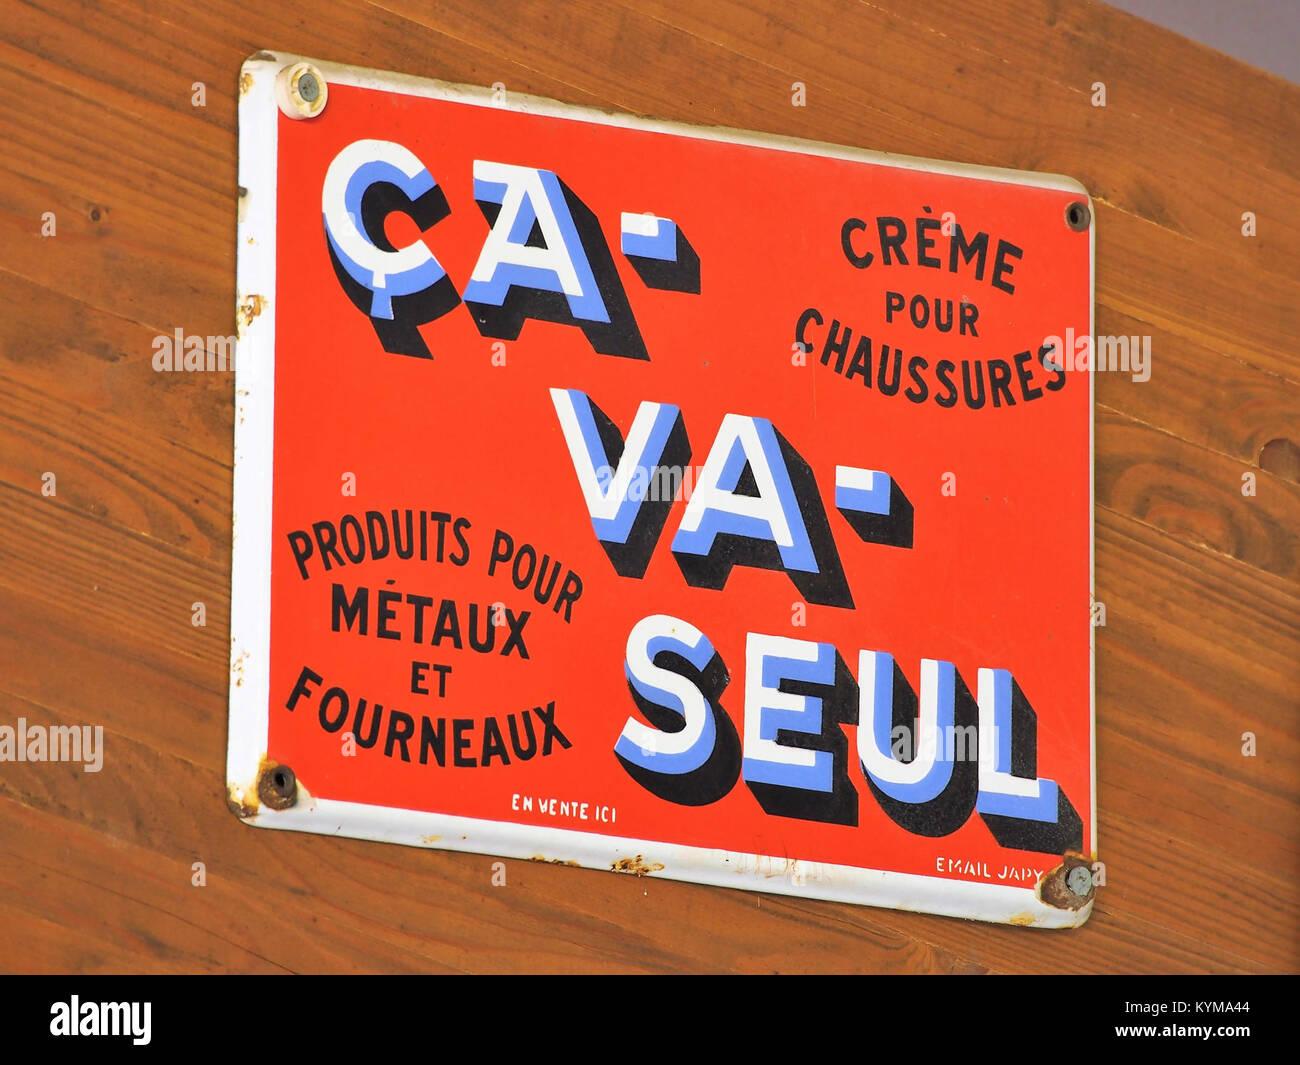 Ca- Va- Seul, Crème pour Chaussures, Emaille Werbung Schild, Fahrzeugmuseum Marxzell - Stock Image